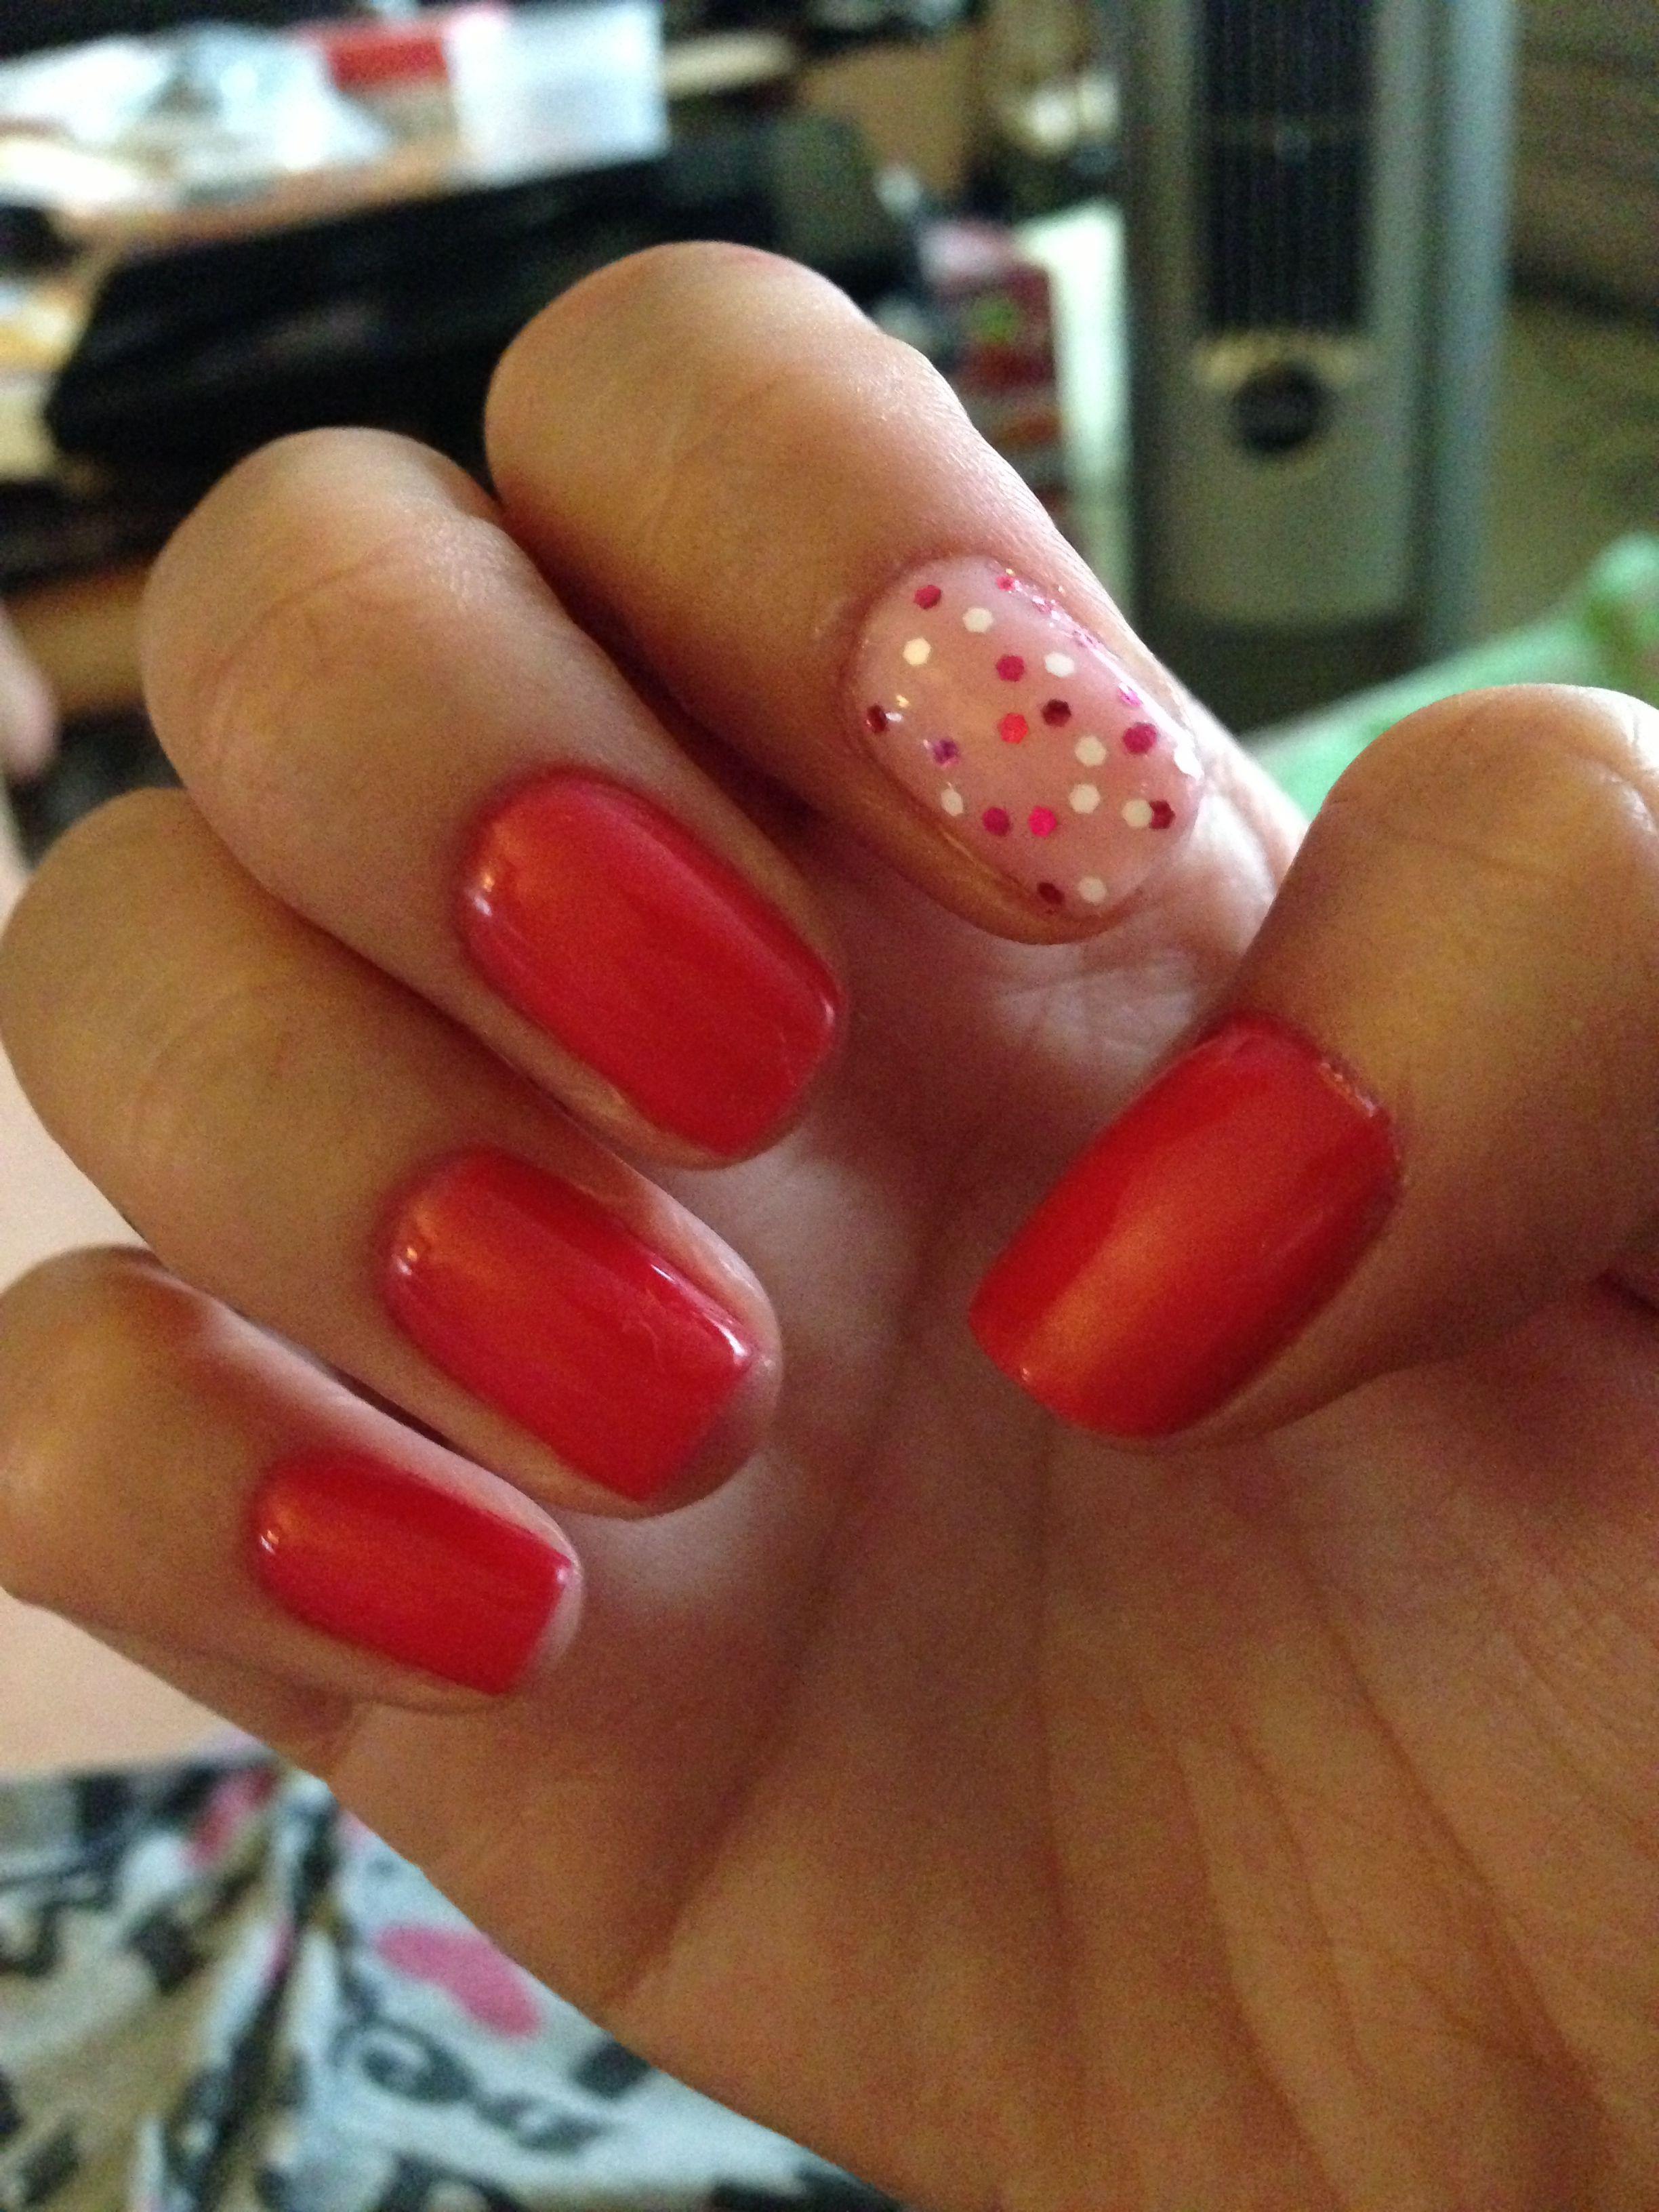 OPI Cajun Shrimp and Italian love affair gel with Minnie style ...